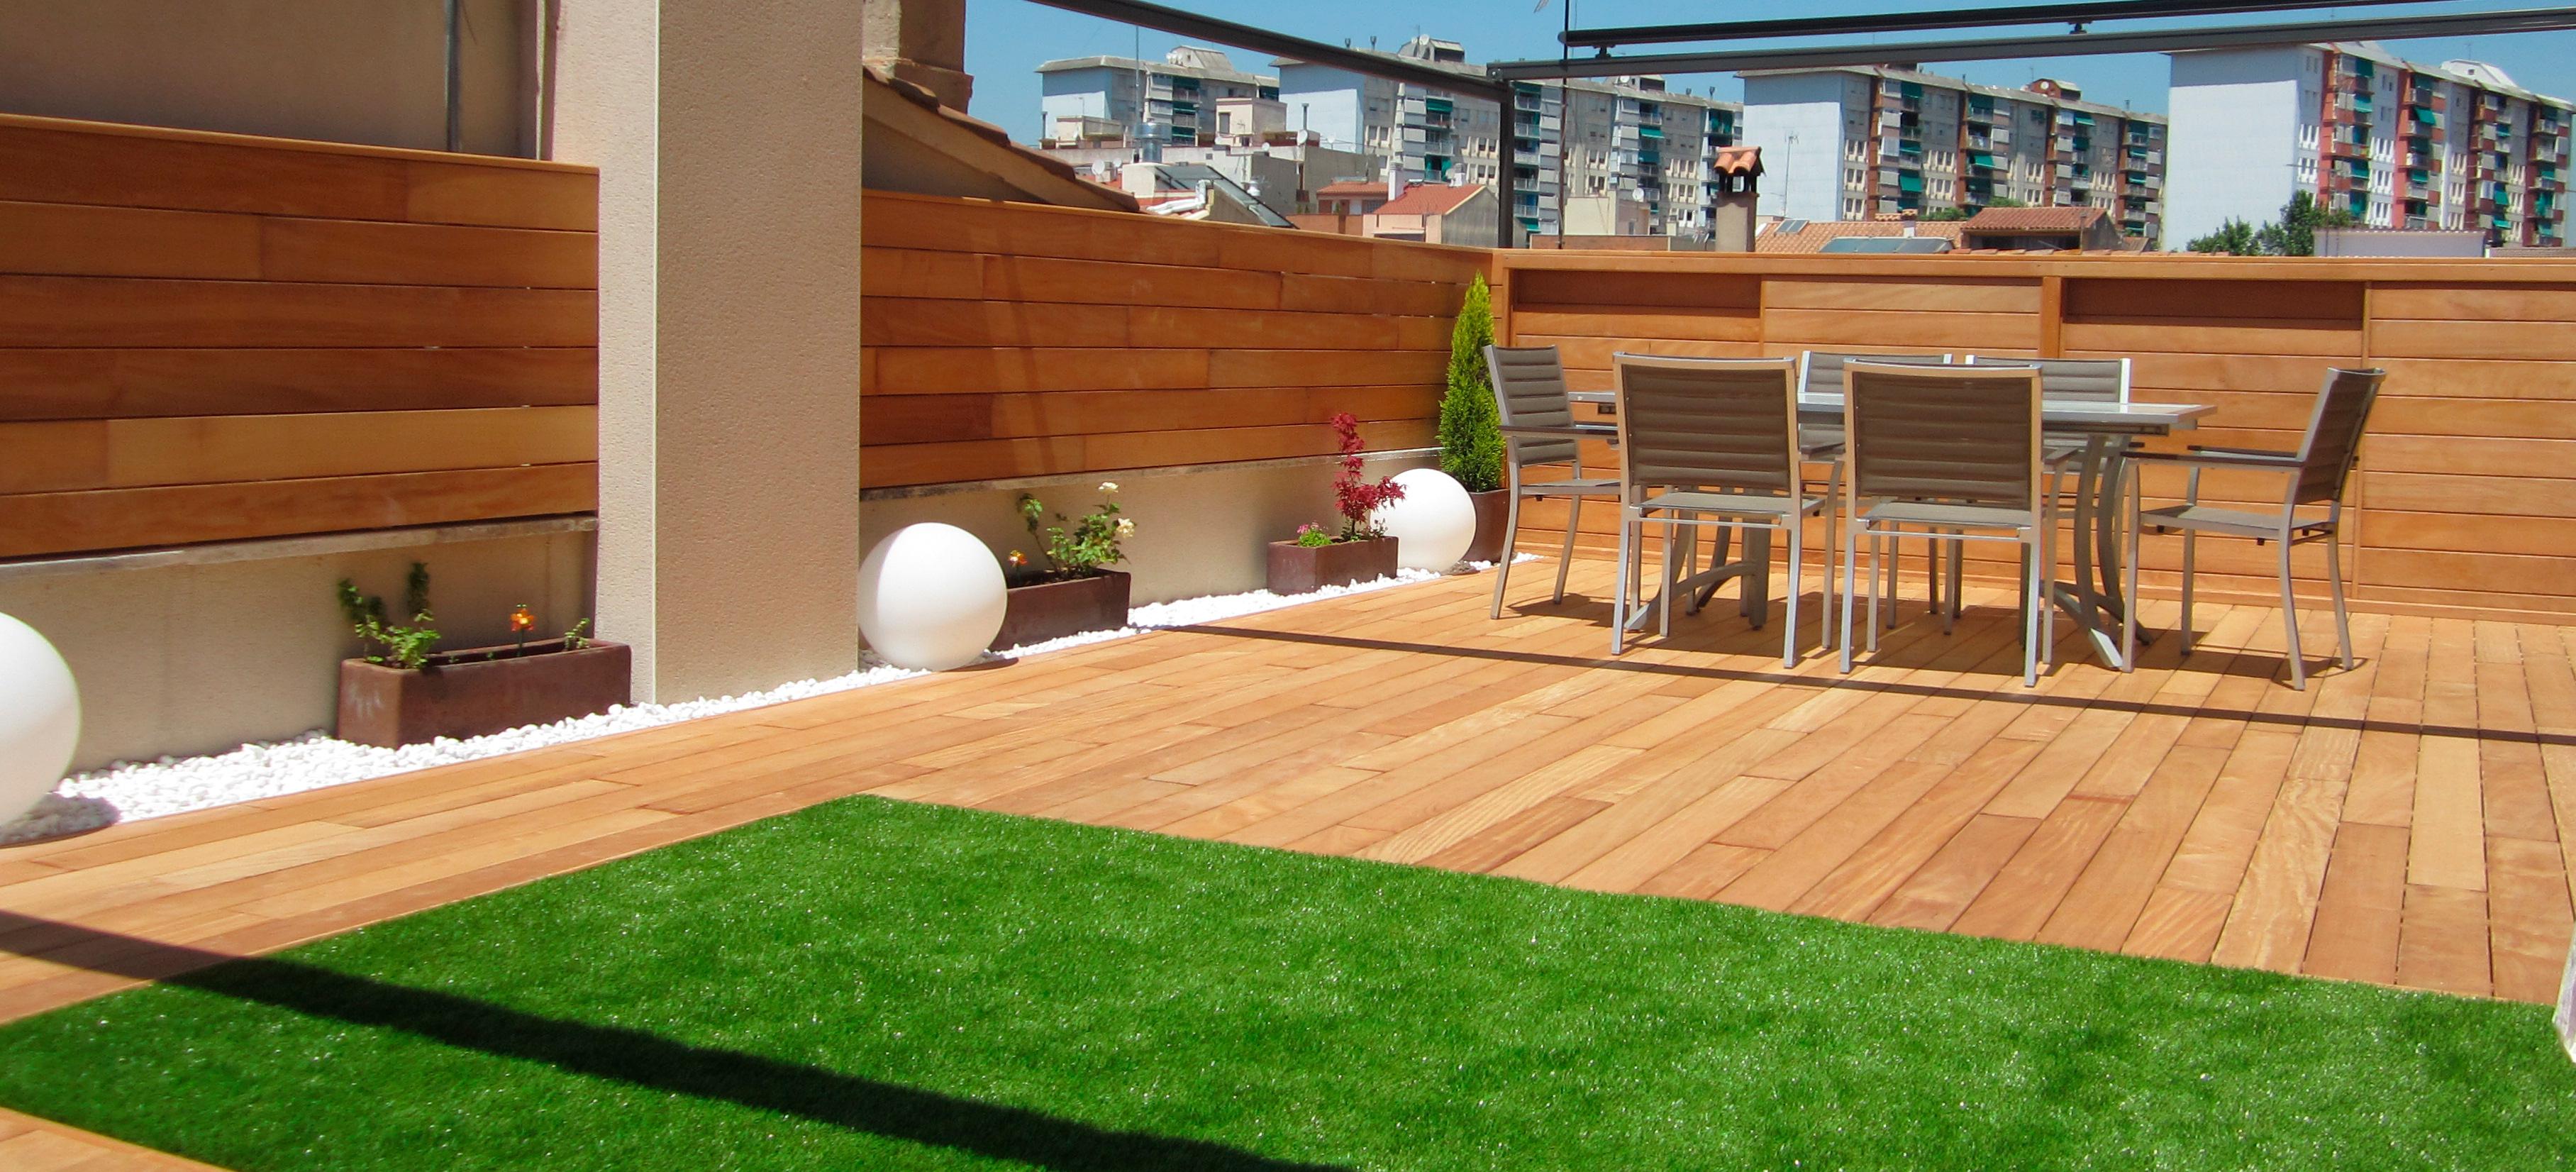 Dise o de terrazas en barcelona decoraci n ticos - Diseno de terraza ...